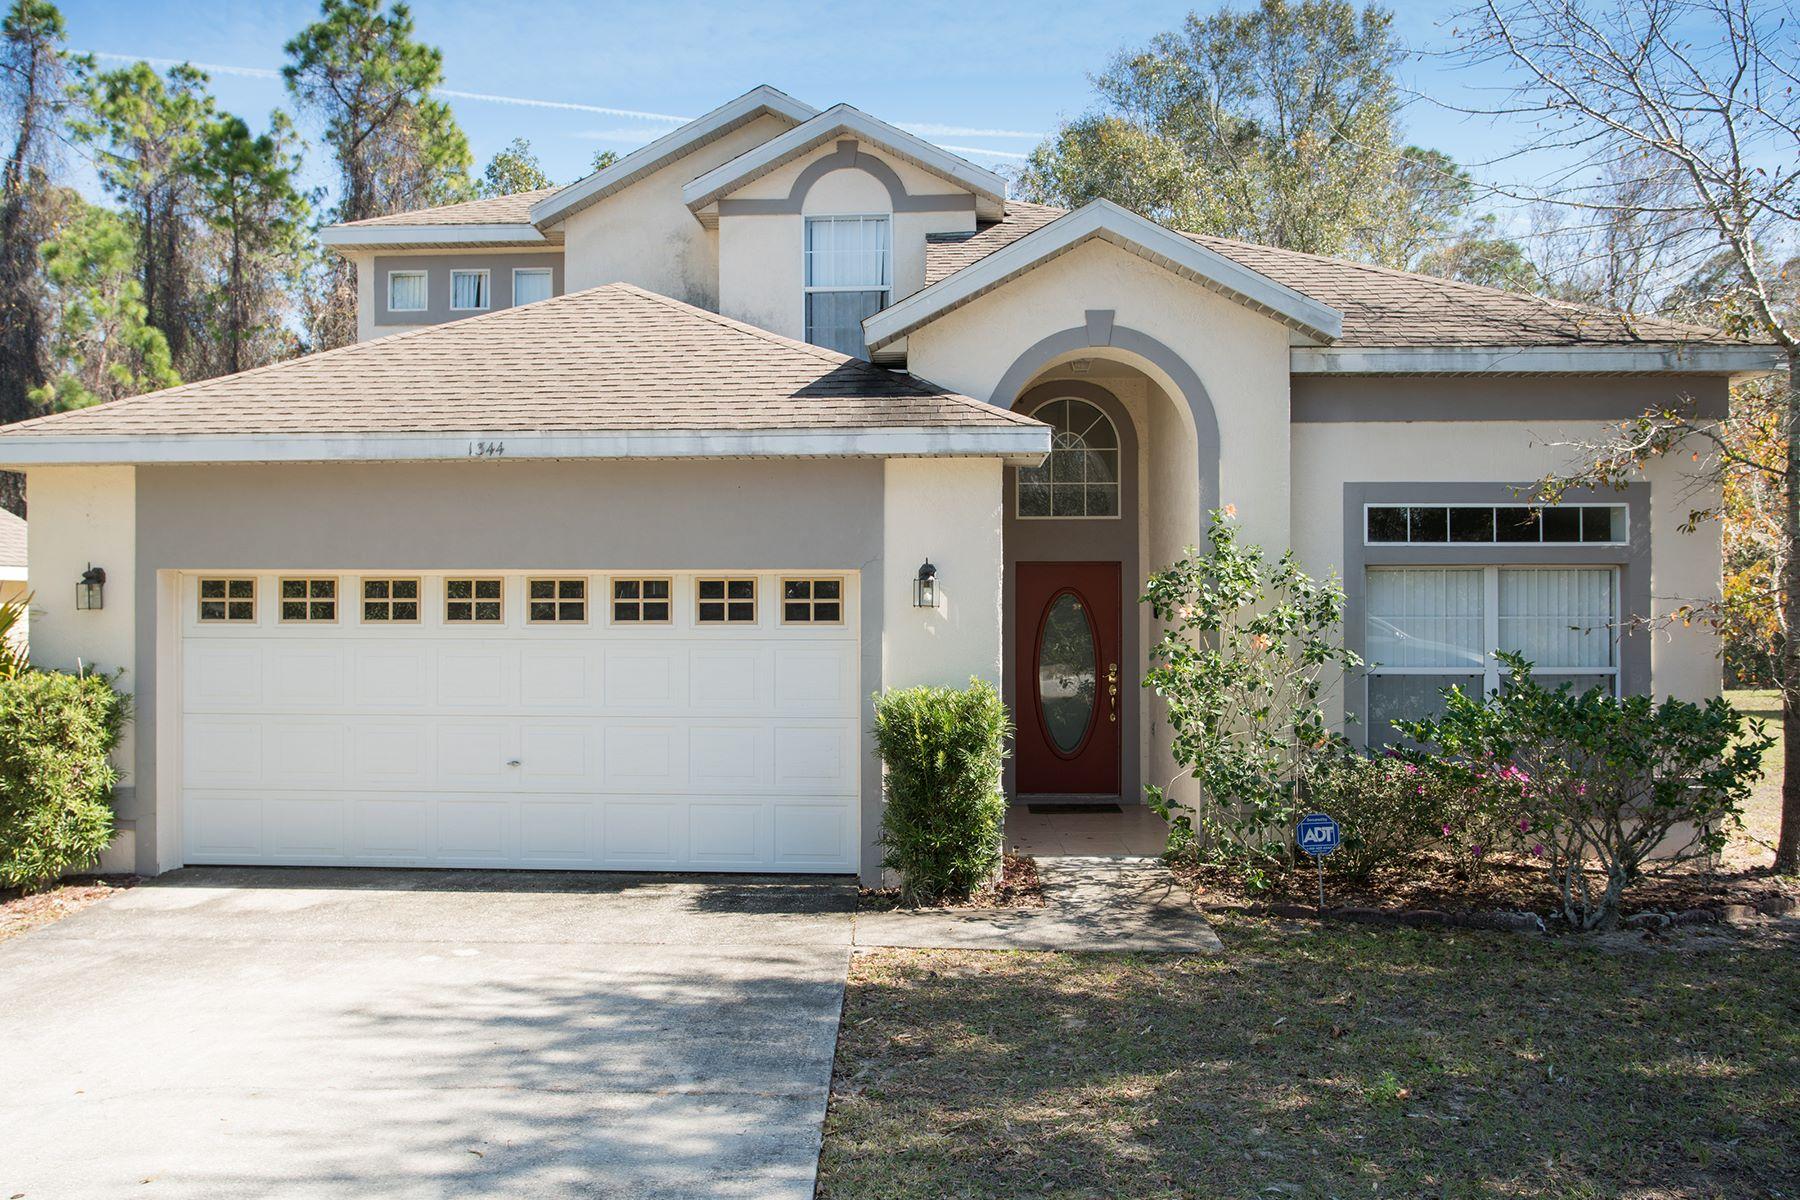 Maison unifamiliale pour l Vente à ORLANDO - DAVENPORT 1344 Thousand Oaks Blvd Davenport, Florida, 33896 États-Unis